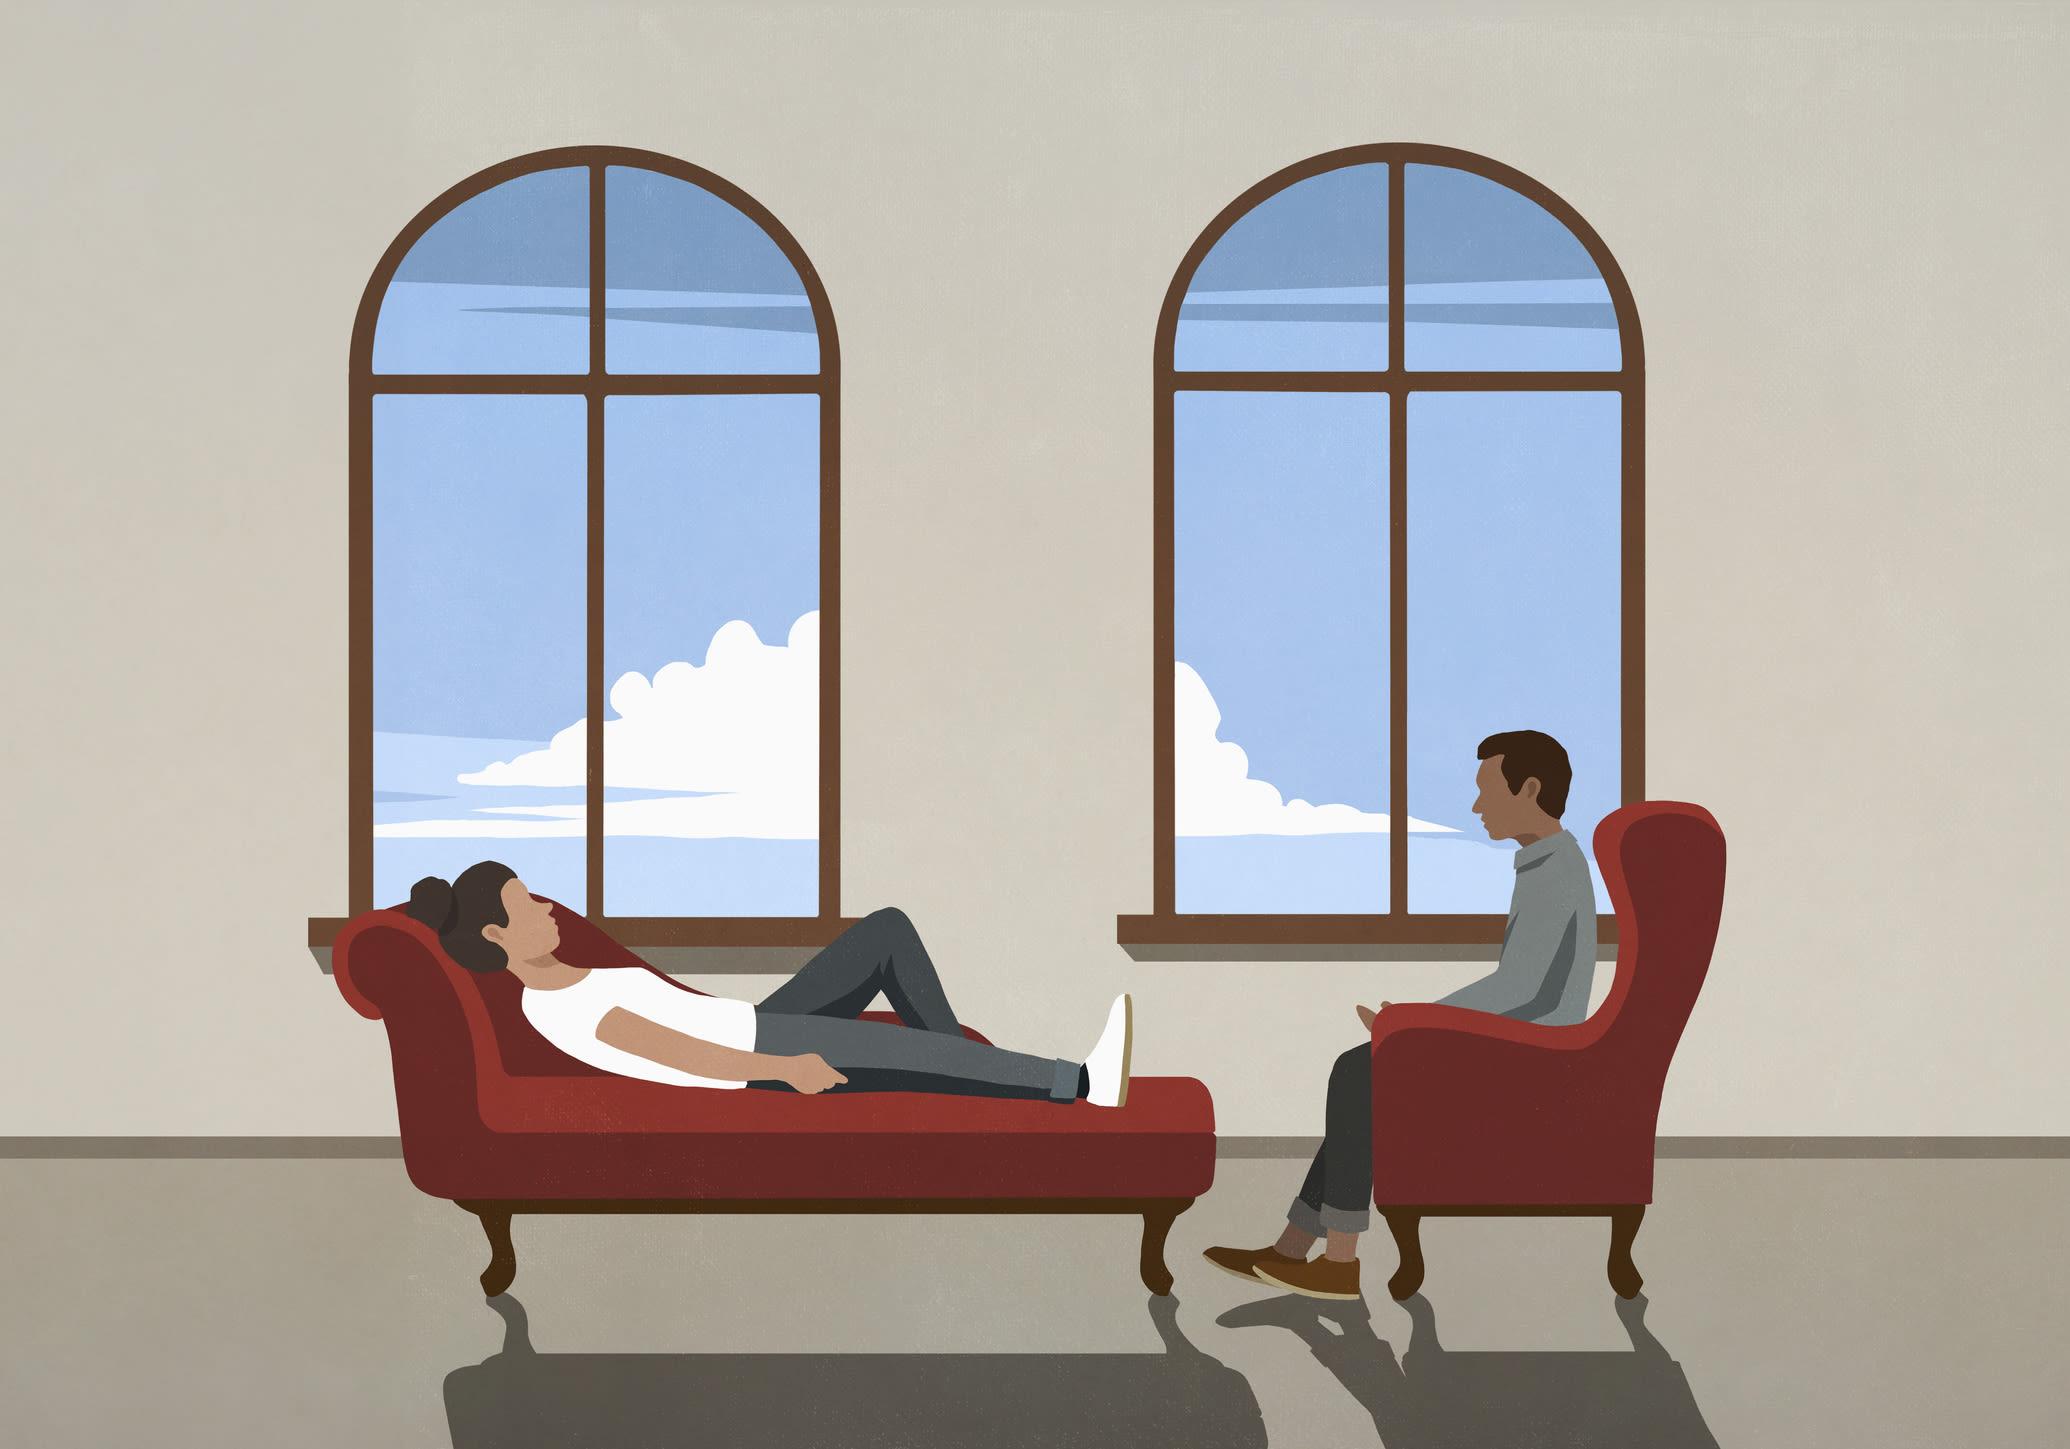 Ilustração de uma pessoa em uma sessão de terapia.